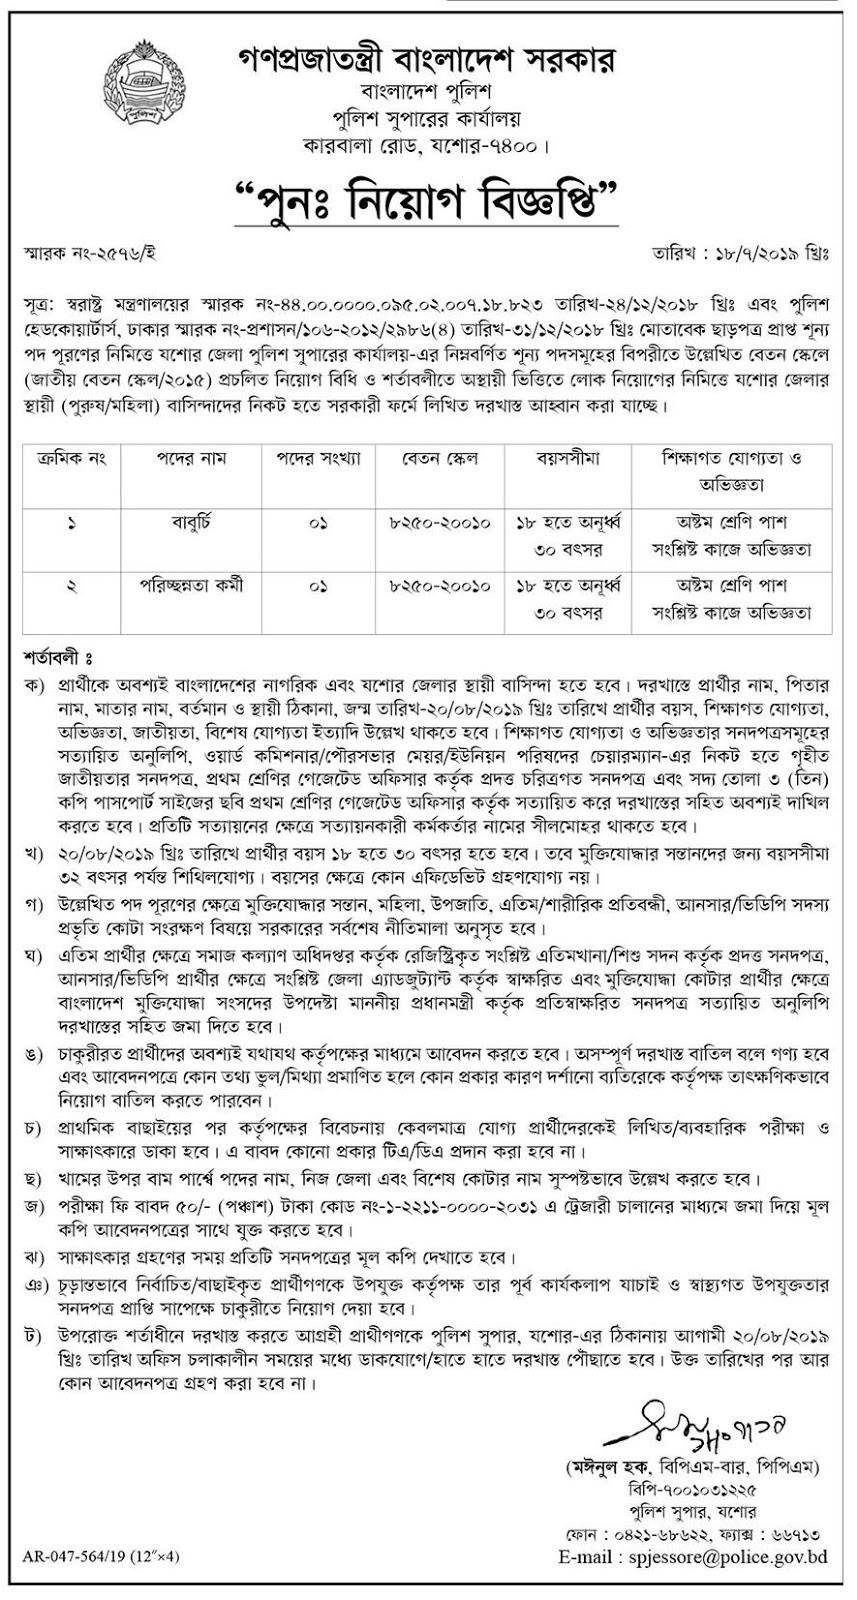 বাংলাদেশ পুলিশ সার্কুলার 2020